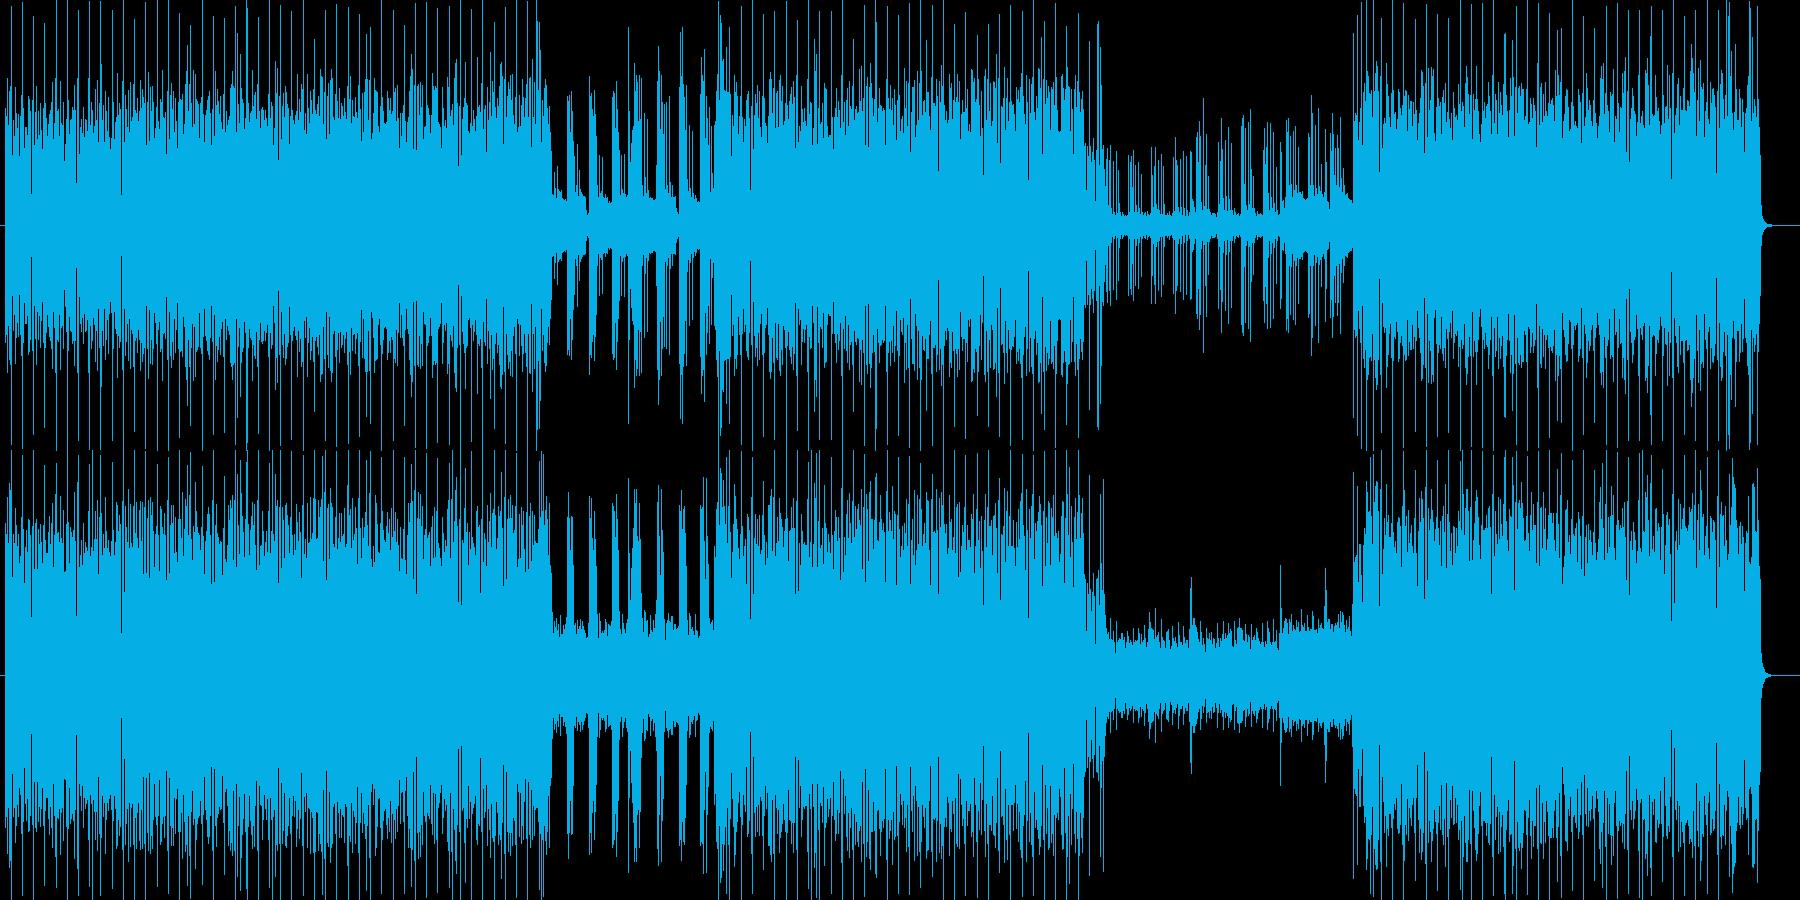 ビートの効いた都会的なシンセの曲の再生済みの波形